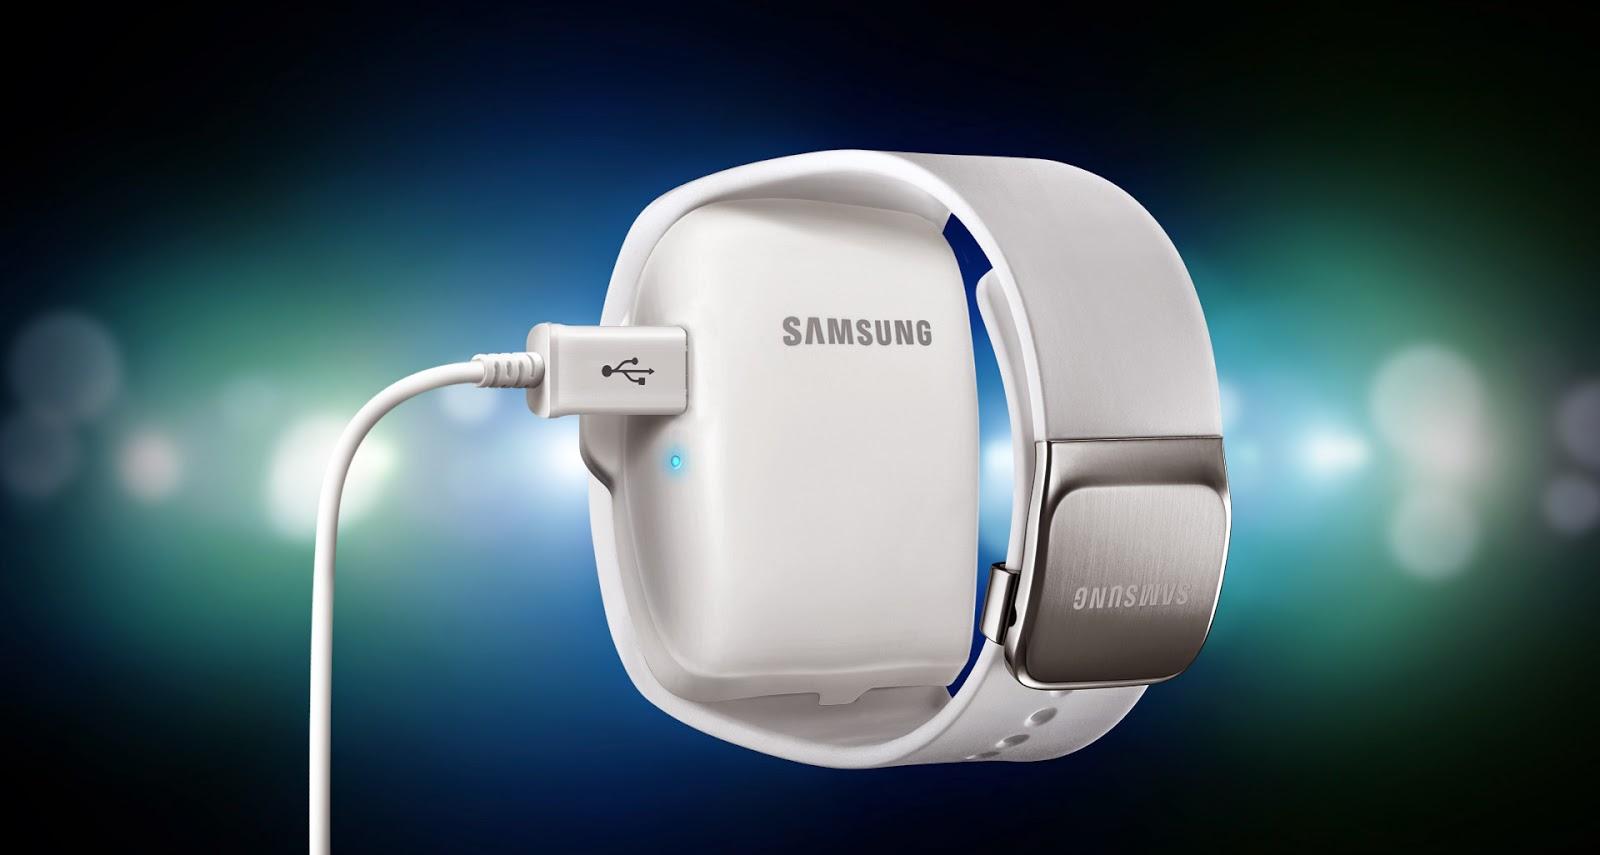 Come disattivare connessione dati su Samsung Gear S